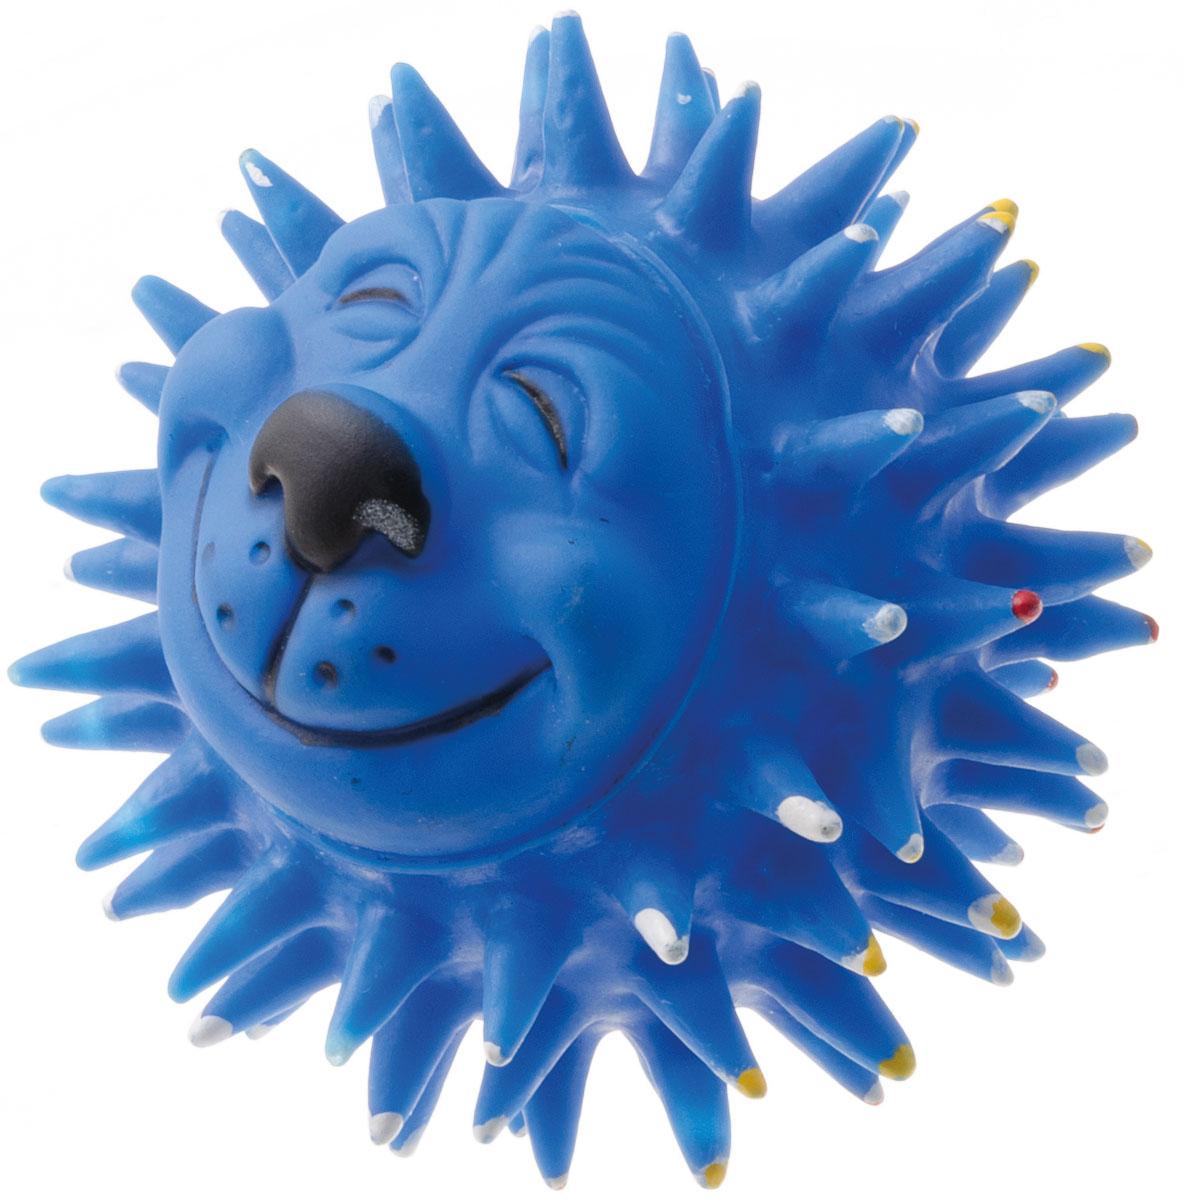 Игрушка для собак V.I.Pet Мяч массажный. Довольный еж, диаметр 10 смV-307Игрушка для собак V.I.Pet Массажный мяч. Довольный еж, изготовленная из винила, предназначена для массажа и самомассажа рефлексогенных зон. Она имеет мягкие закругленные массажные шипы, эффективно массирующие и не травмирующие кожу. Изделие оснащено пищалкой.Игрушка не позволит скучать вашему питомцу ни дома, ни на улице.Диаметр: 10 см.